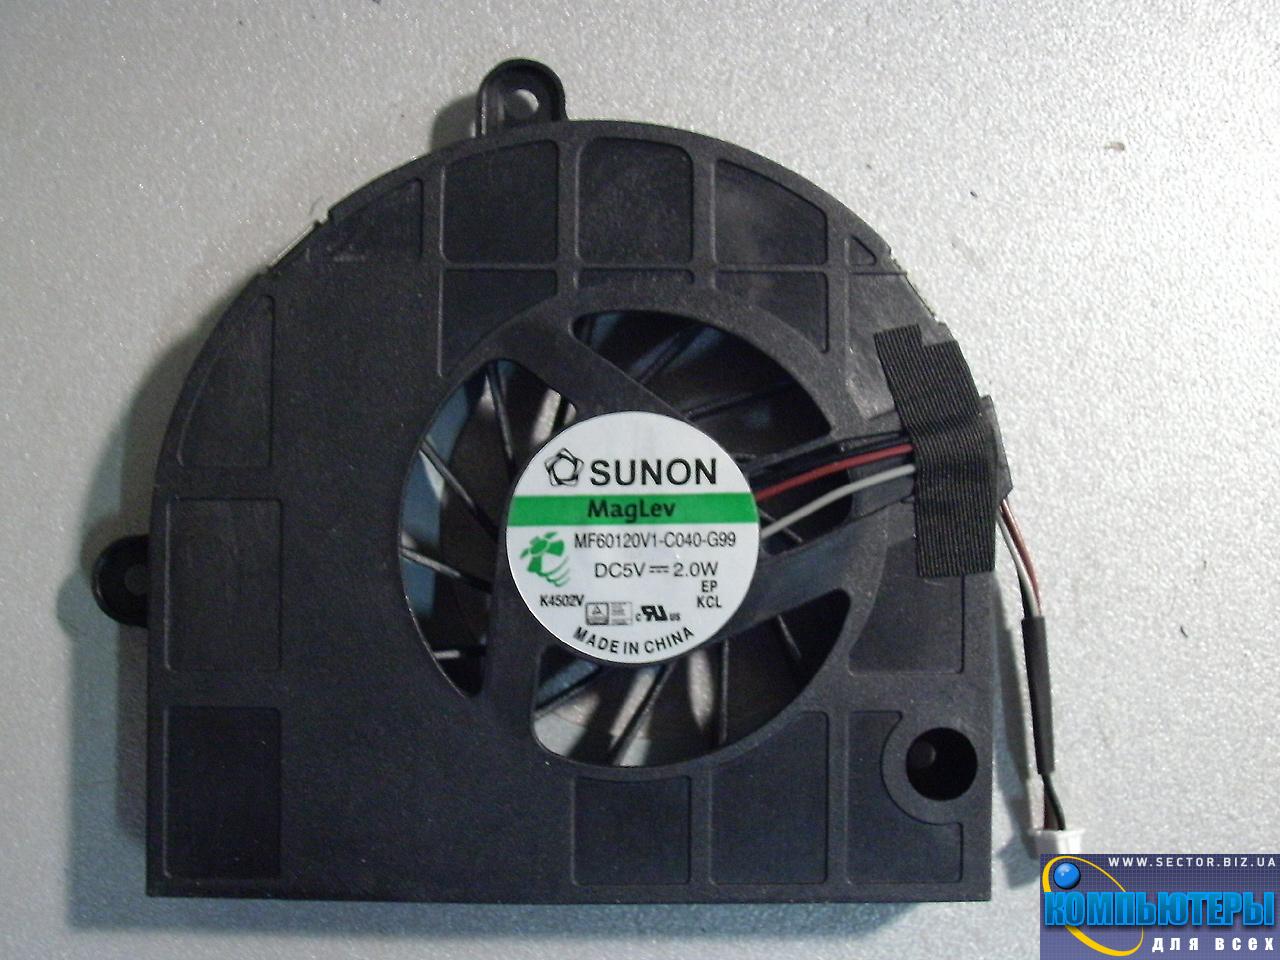 Кулер к ноутбуку Emachines E442 E443 E529 E644 E729 p/n: MF60120V1-C040-G99. Фото № 3.